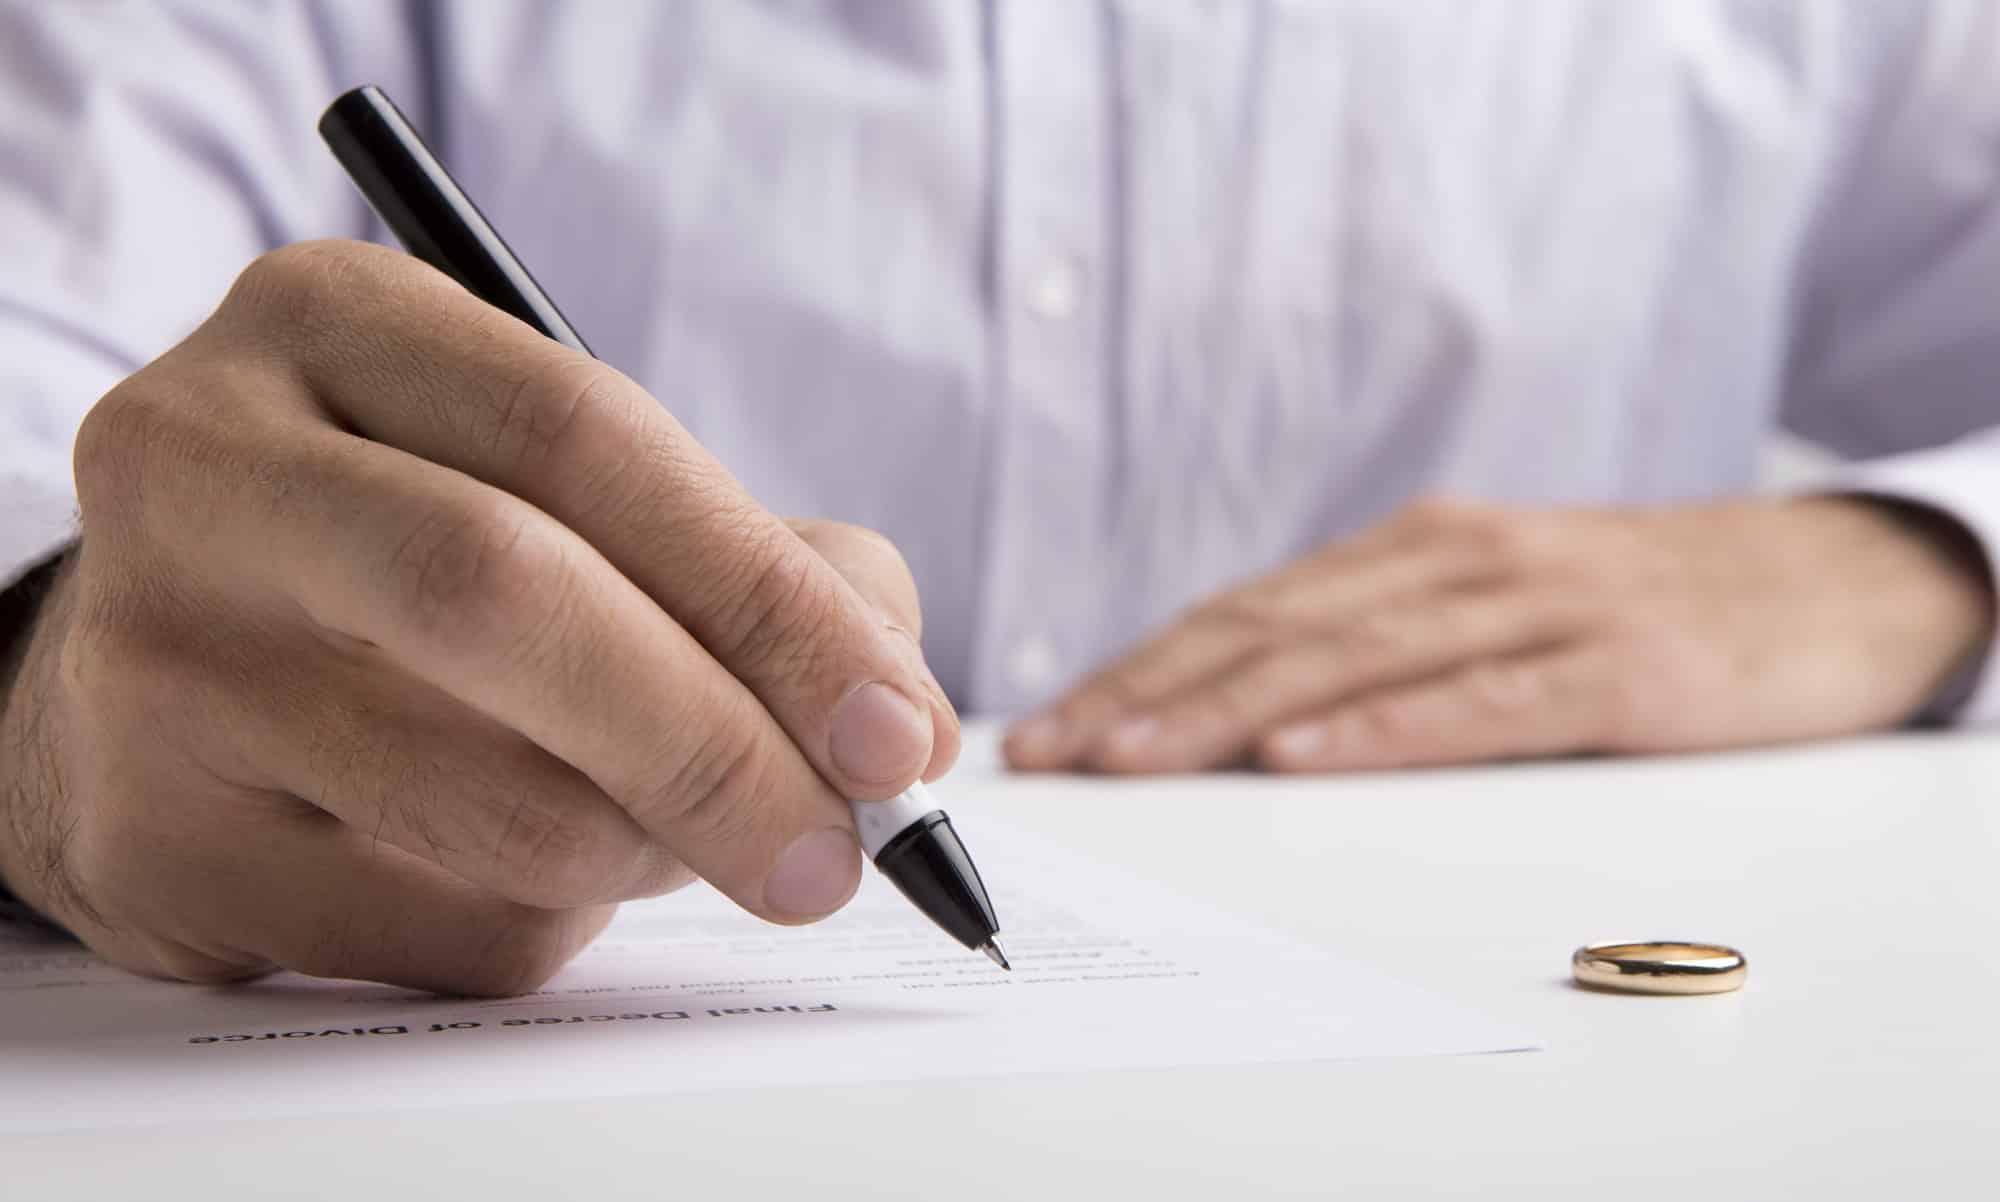 Comment rédiger une lettre de résiliation de contrat d'assurance auto